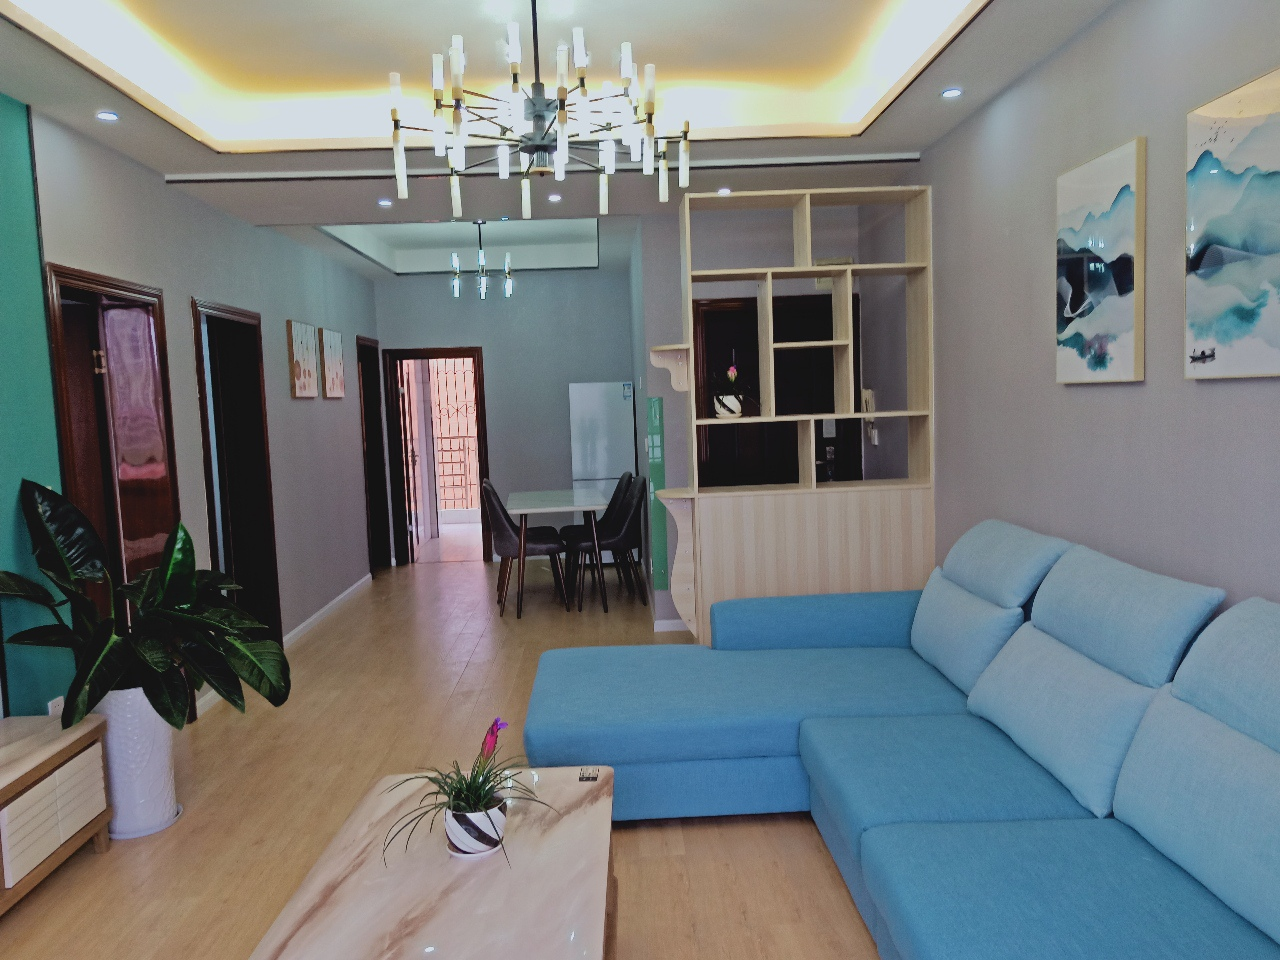 先锋街陵州铭苑6楼2室 2厅 1卫43.8万元